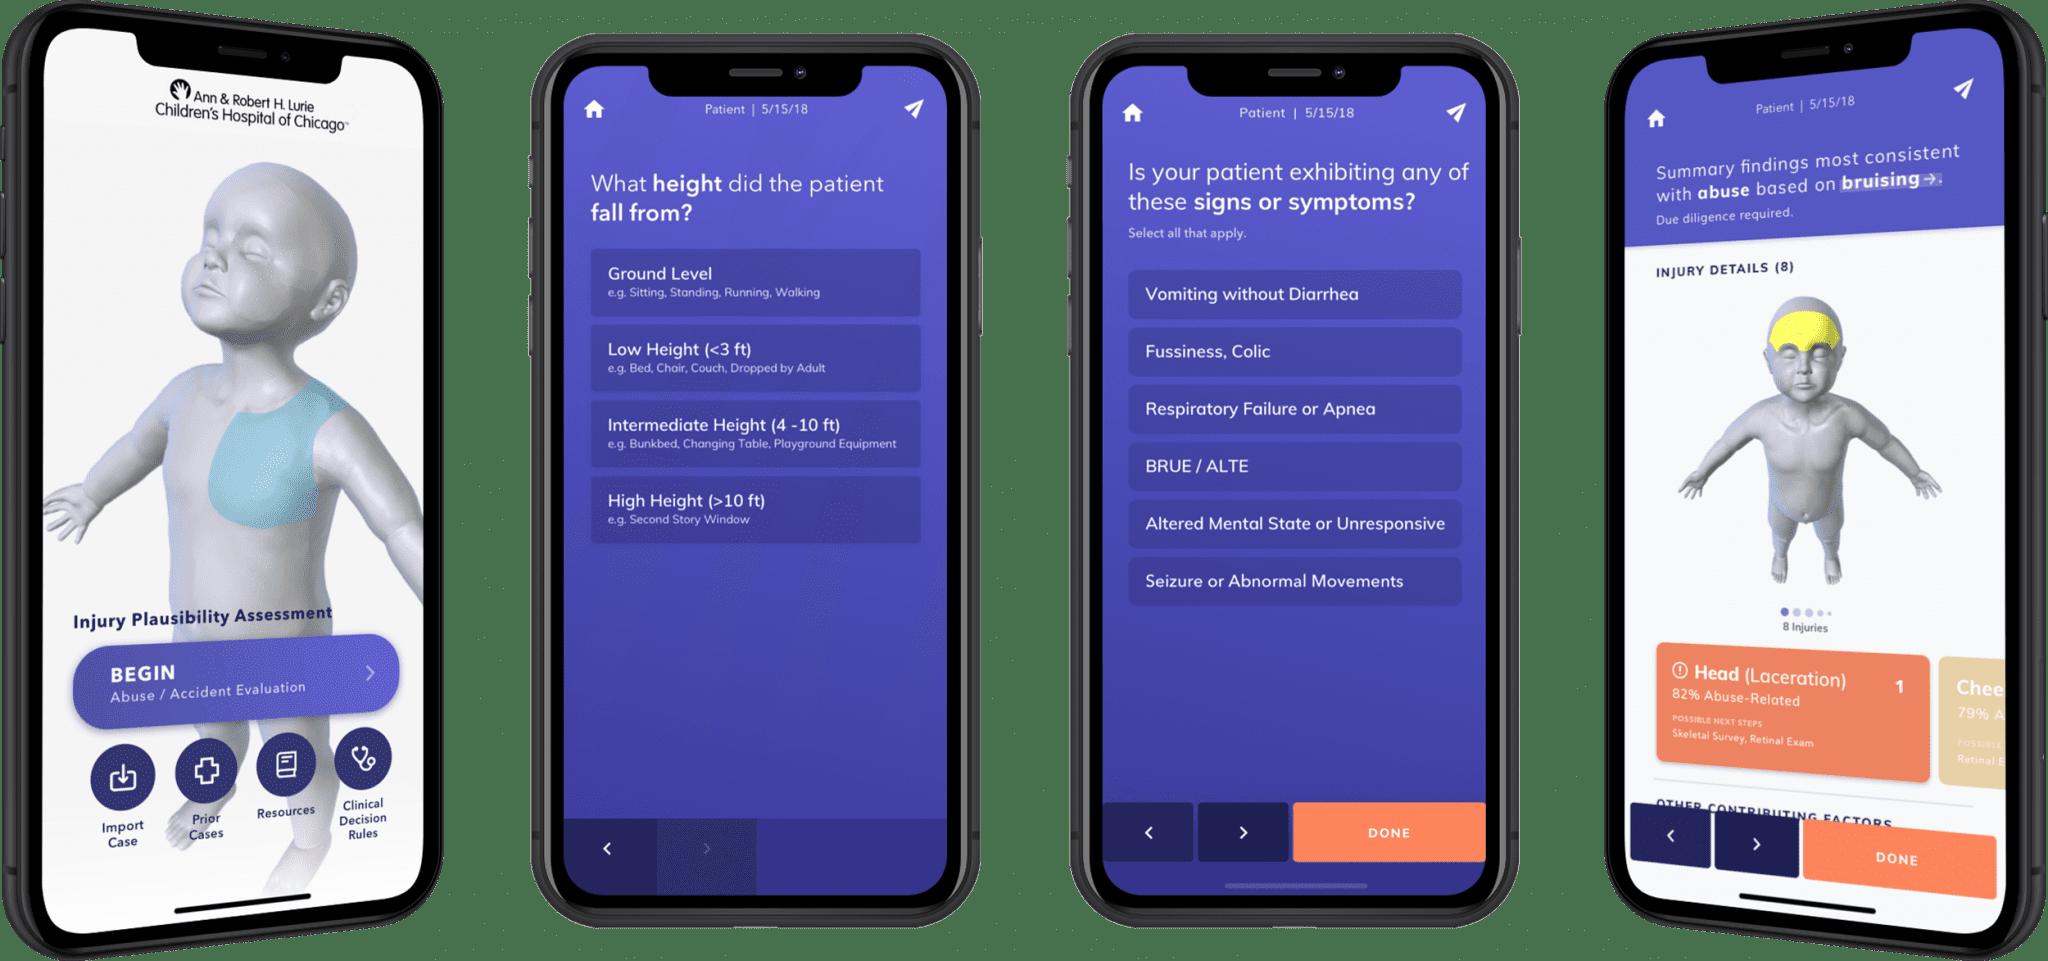 Mobile Luries screen long